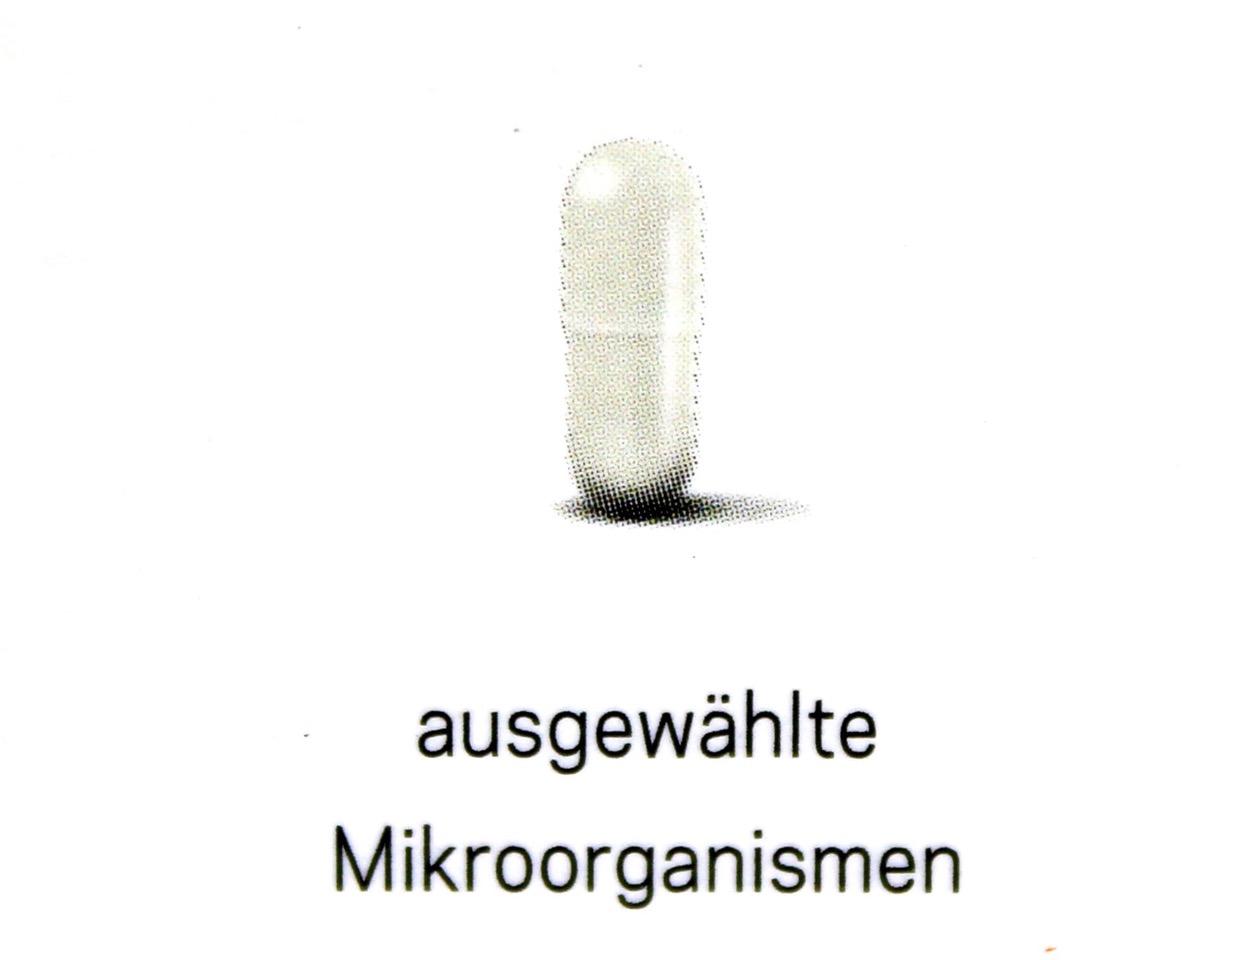 Mirkoorganismen